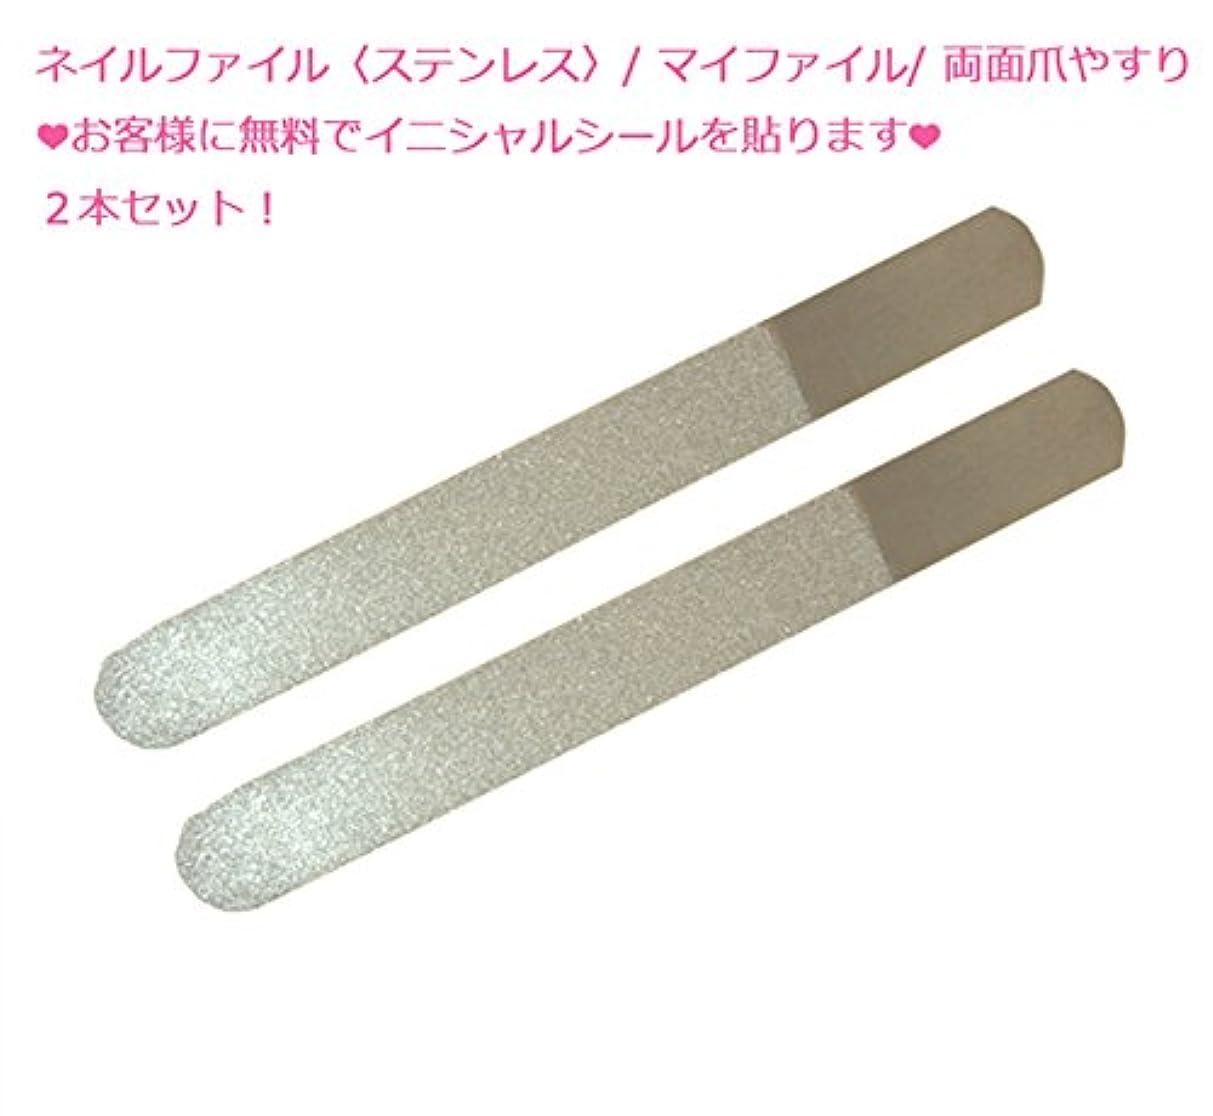 シンプルさ麻痺孤児ネイルファイル〈ステンレス〉2本セット/両面爪やすり/マイファイル